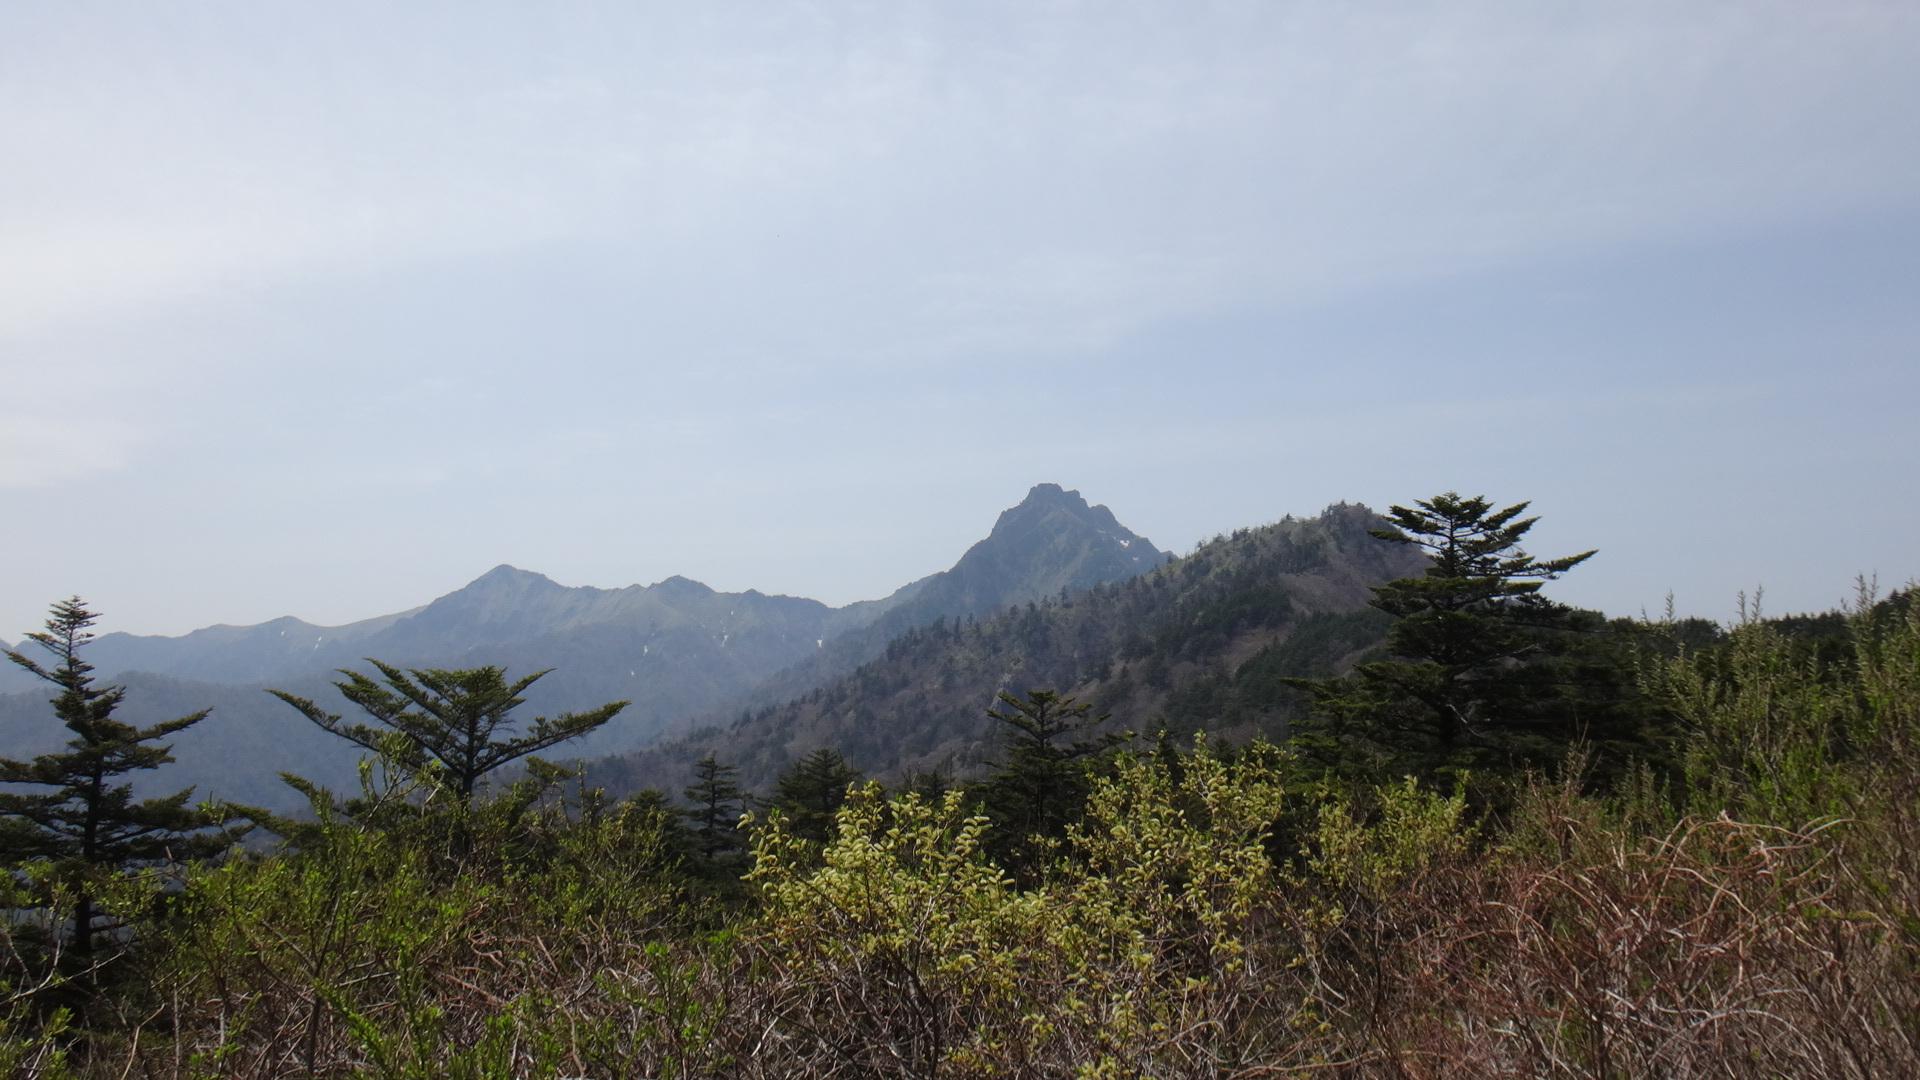 石鎚山スカイライン24石鎚山